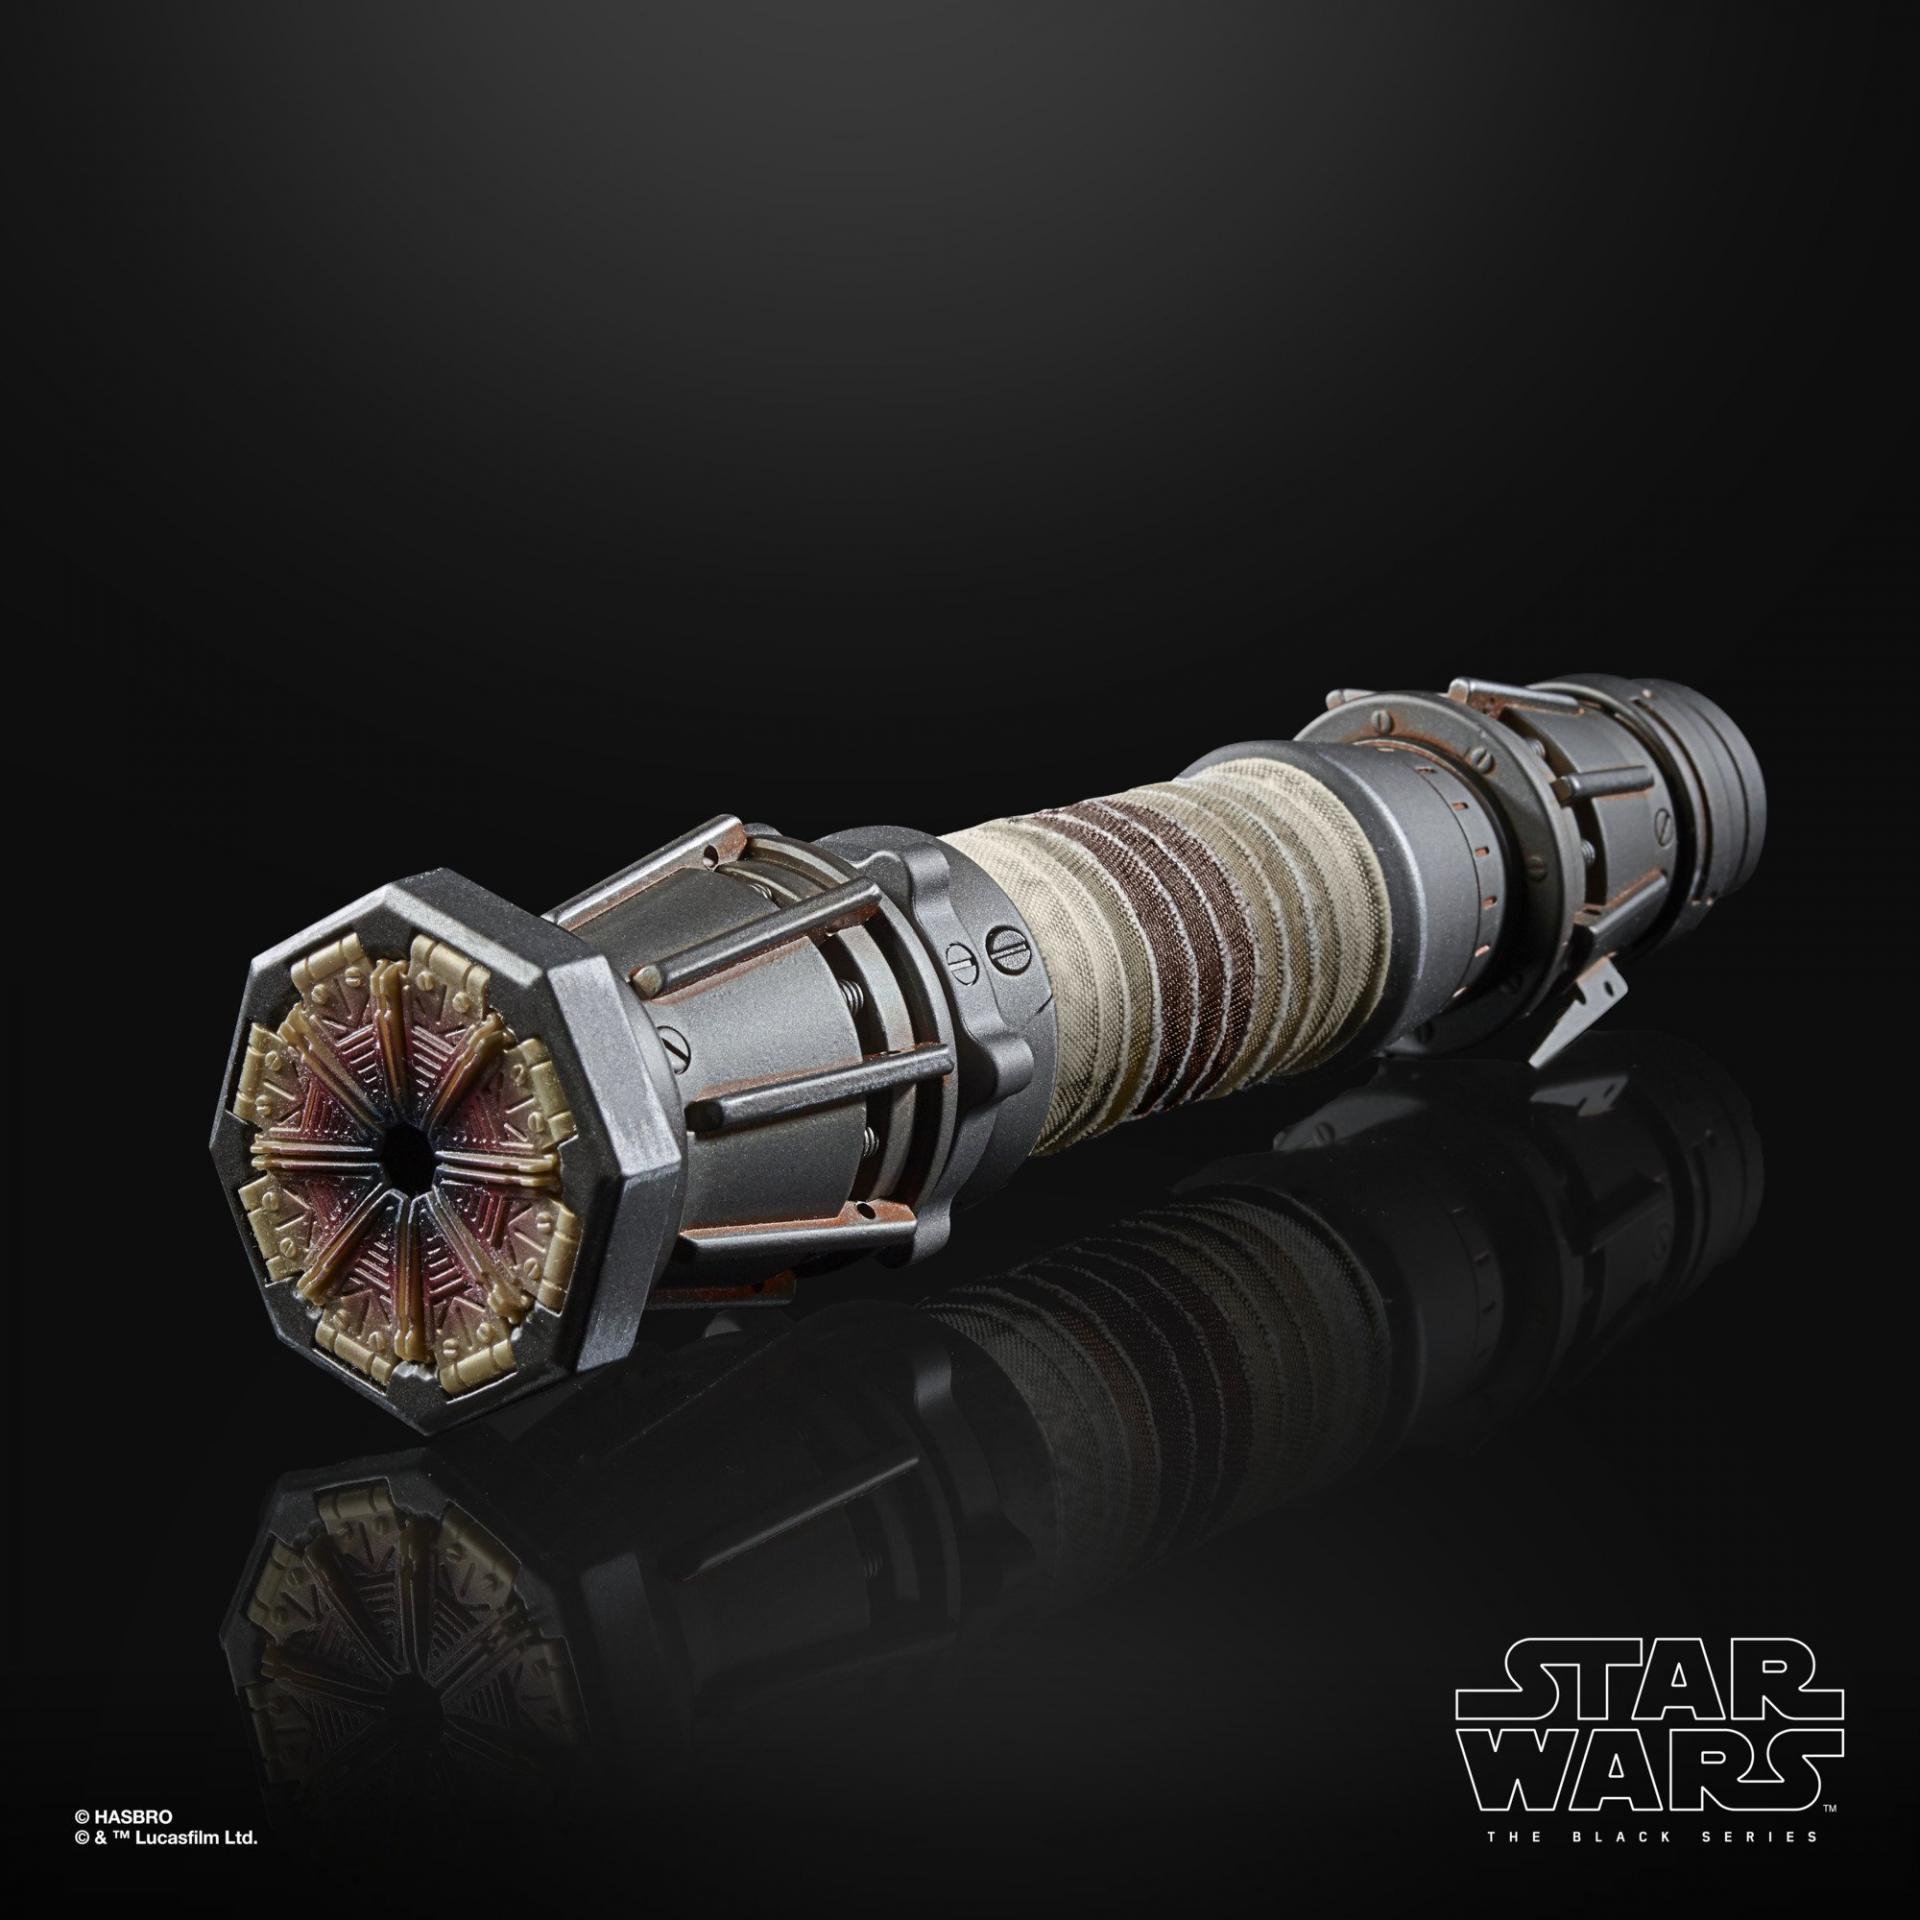 Star wars the black series rey skywalker force fx elite lightsaber6